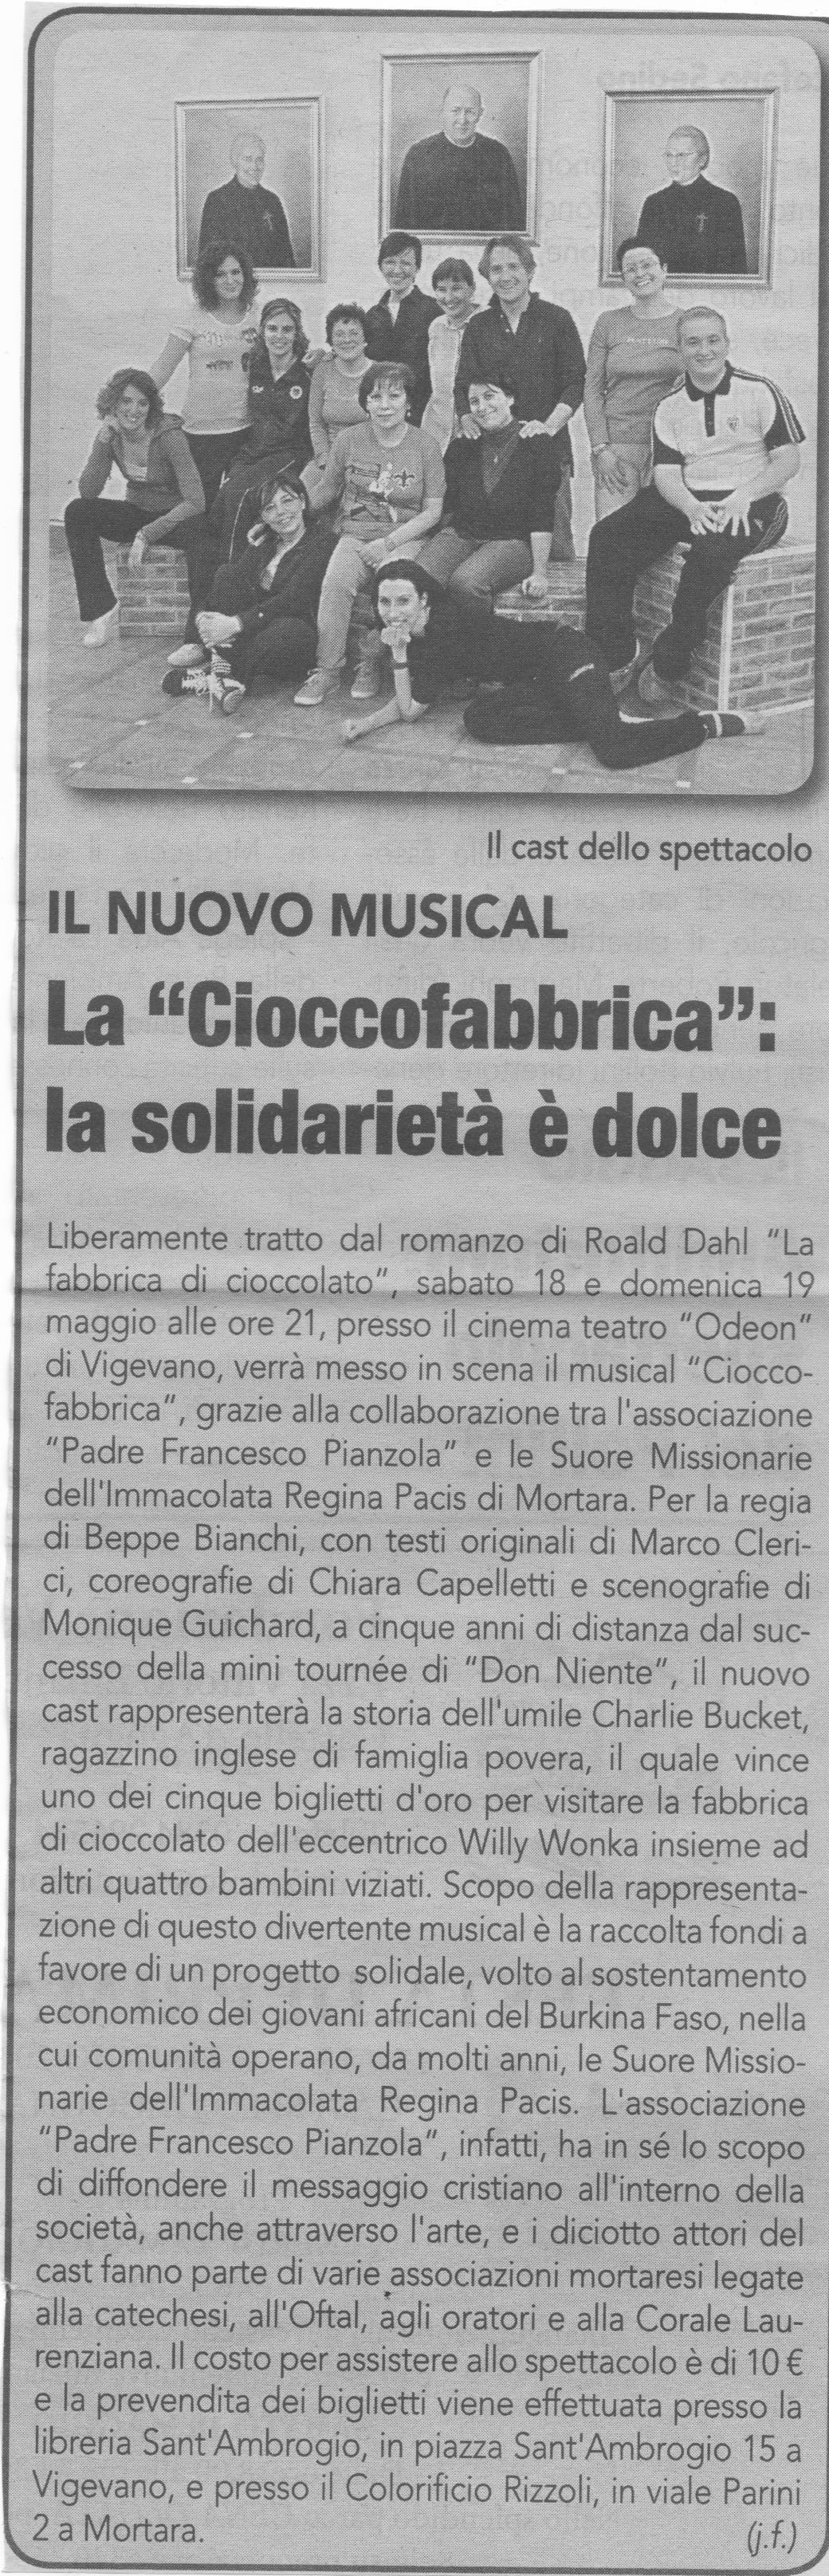 Cioccofabbrica - Il Musical di Marco Clerici